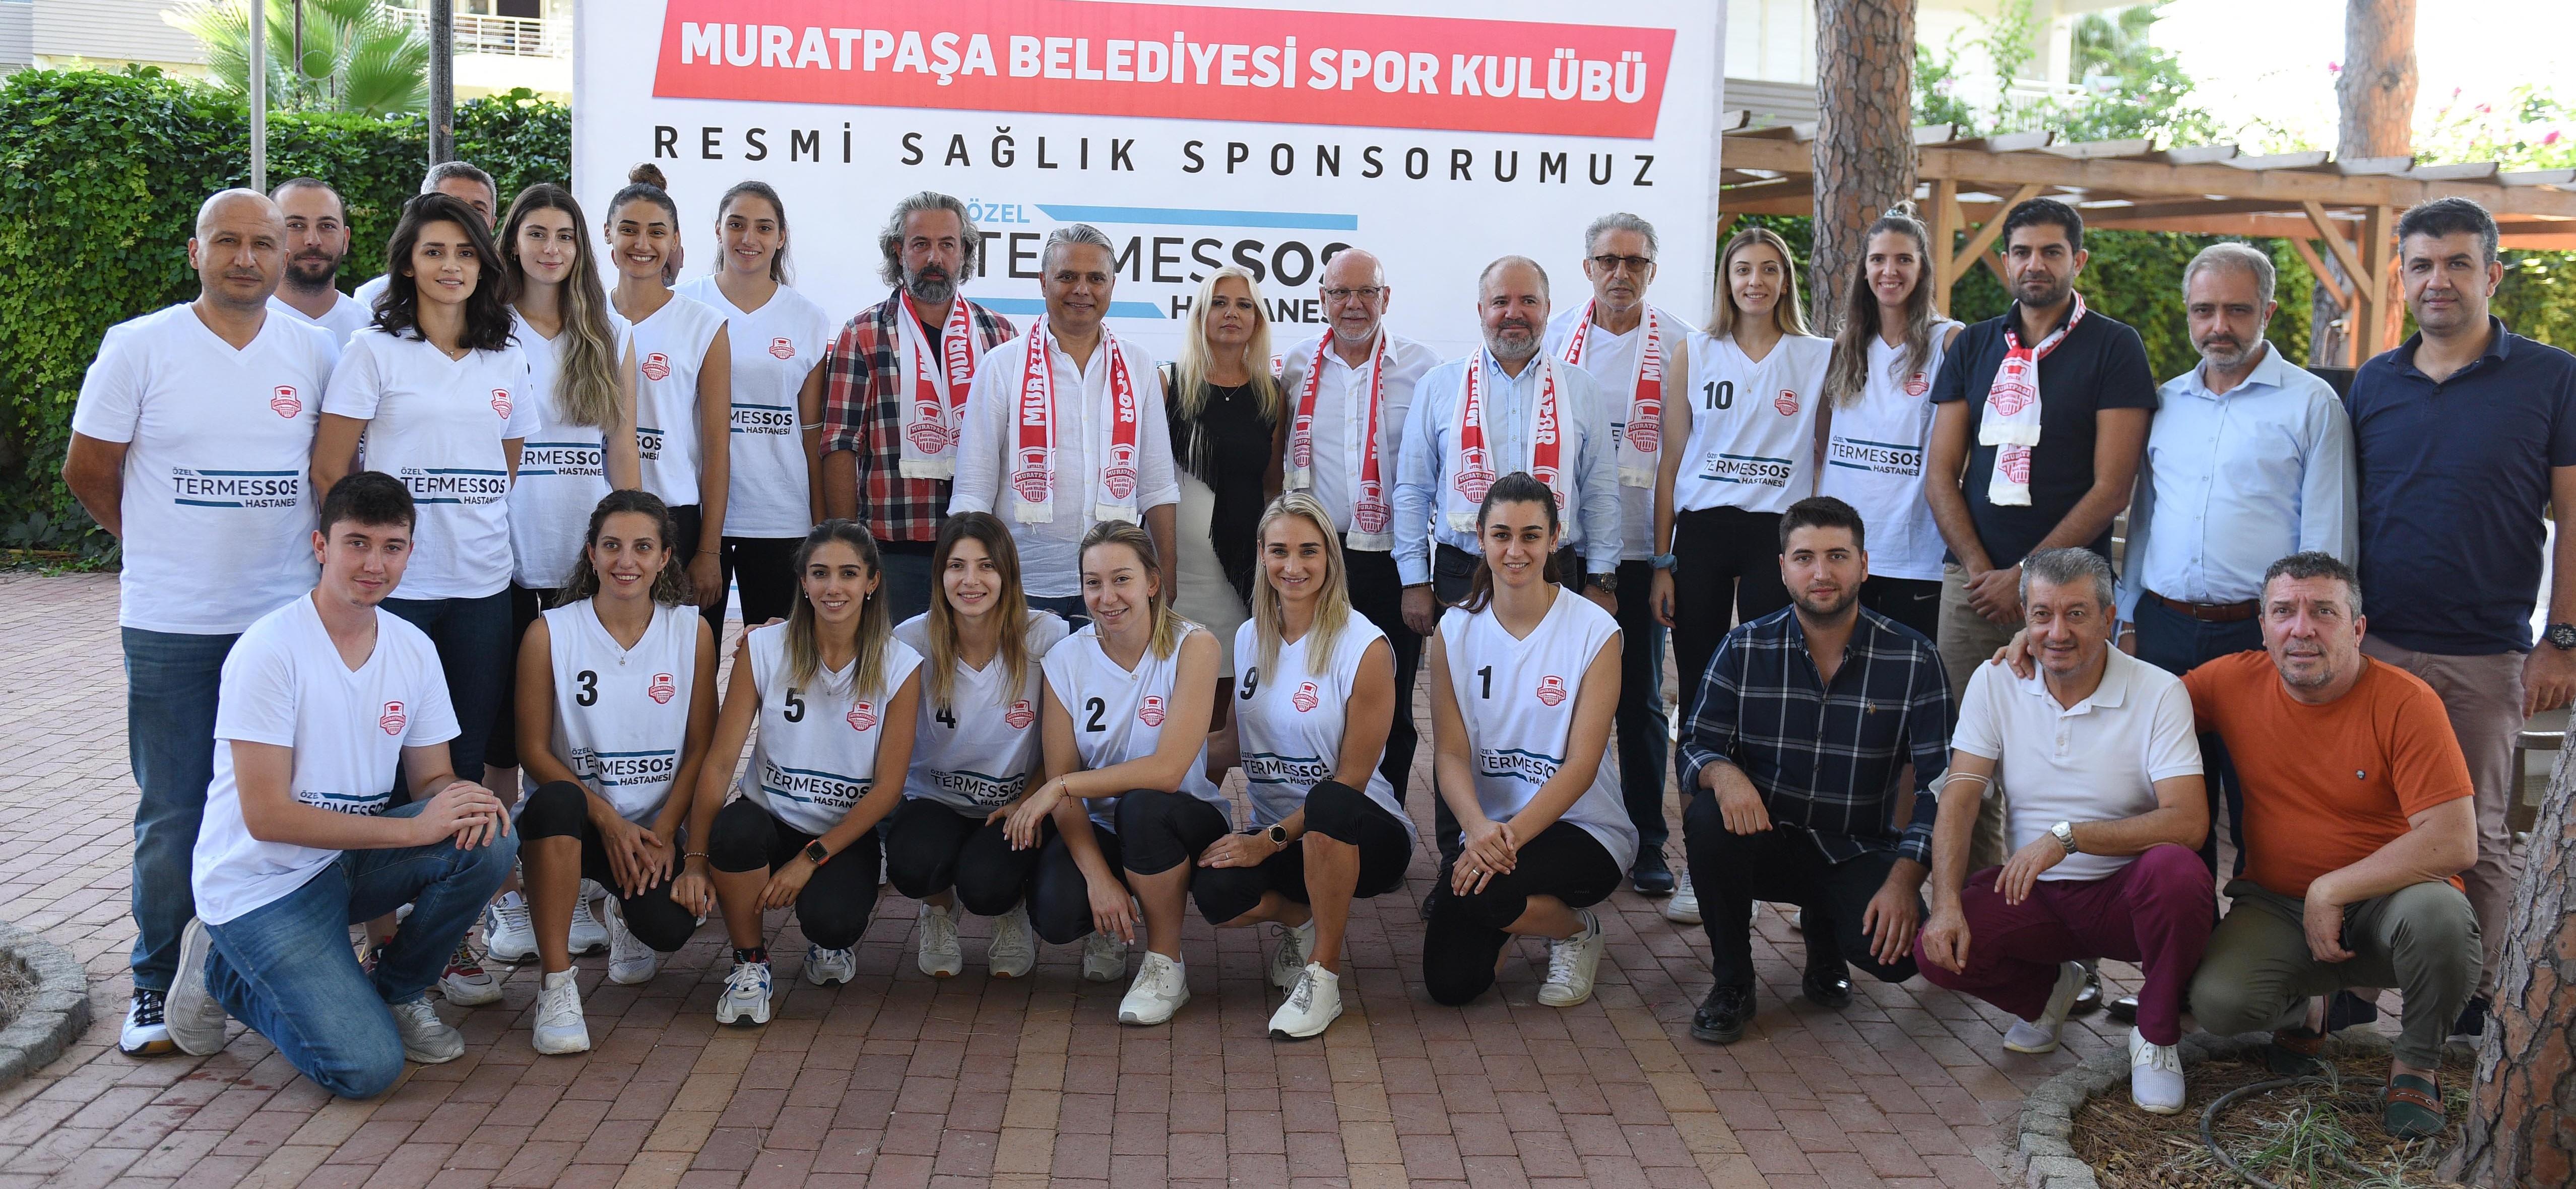 Muratpaşa'nın Sultanları iddialı geliyor